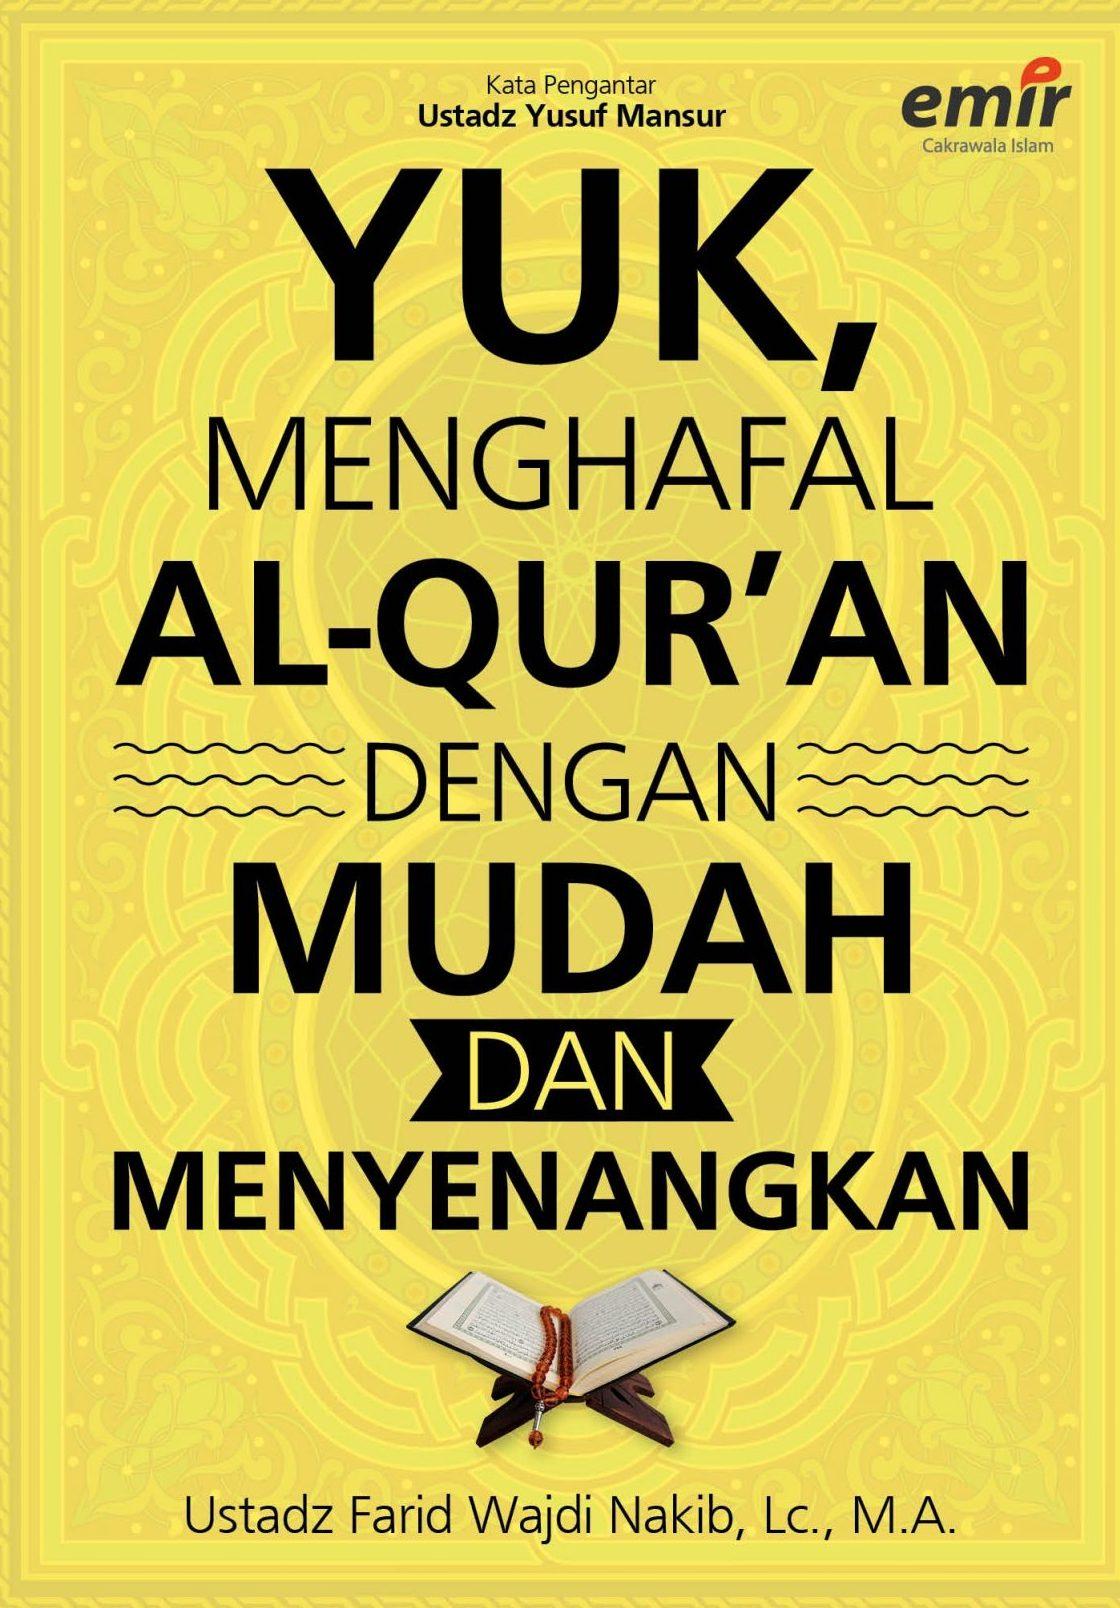 Yuk, Menghafal Al-Qur'an dengan Mudah dan Menyenangkan